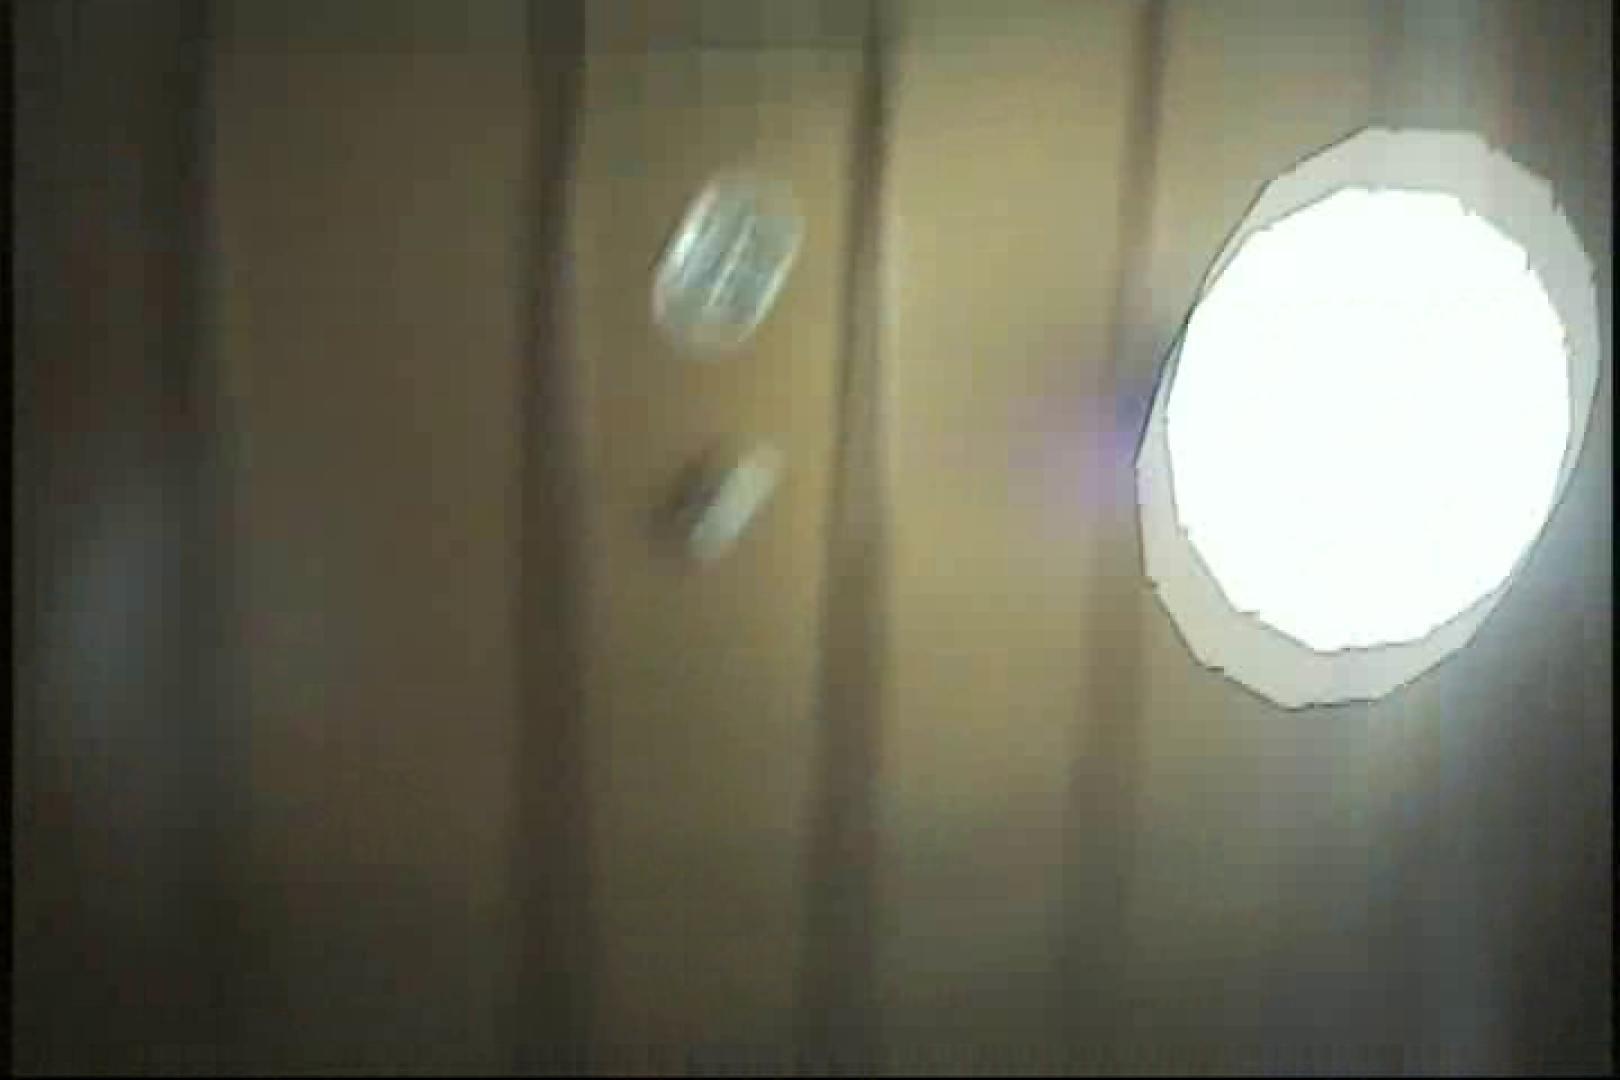 いっくんの調教シリーズ「未亡人みずほ27歳市役所職員」Vol.7 浴衣   OLヌード天国  52PIX 7